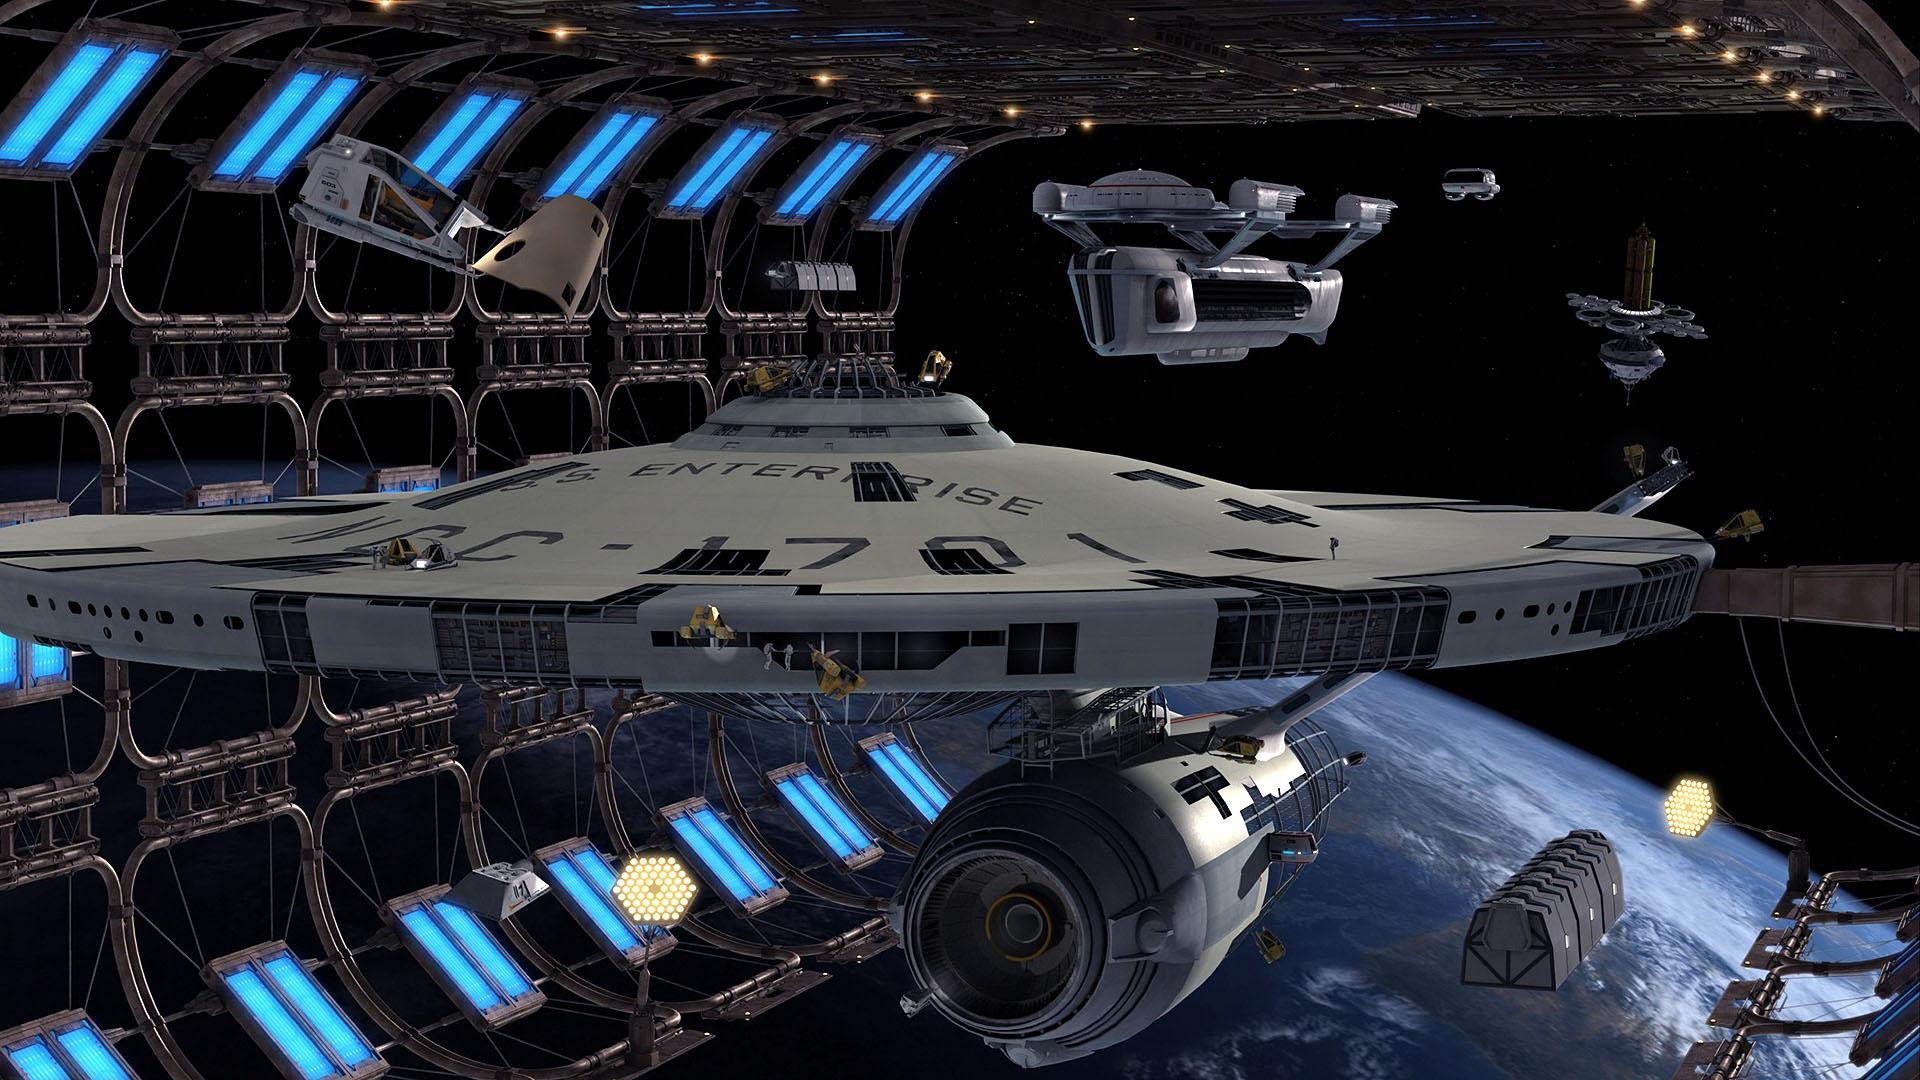 Star Trek Wallpaper 1920x1080 Star Trek Ships USS Enterprise 1920x1080